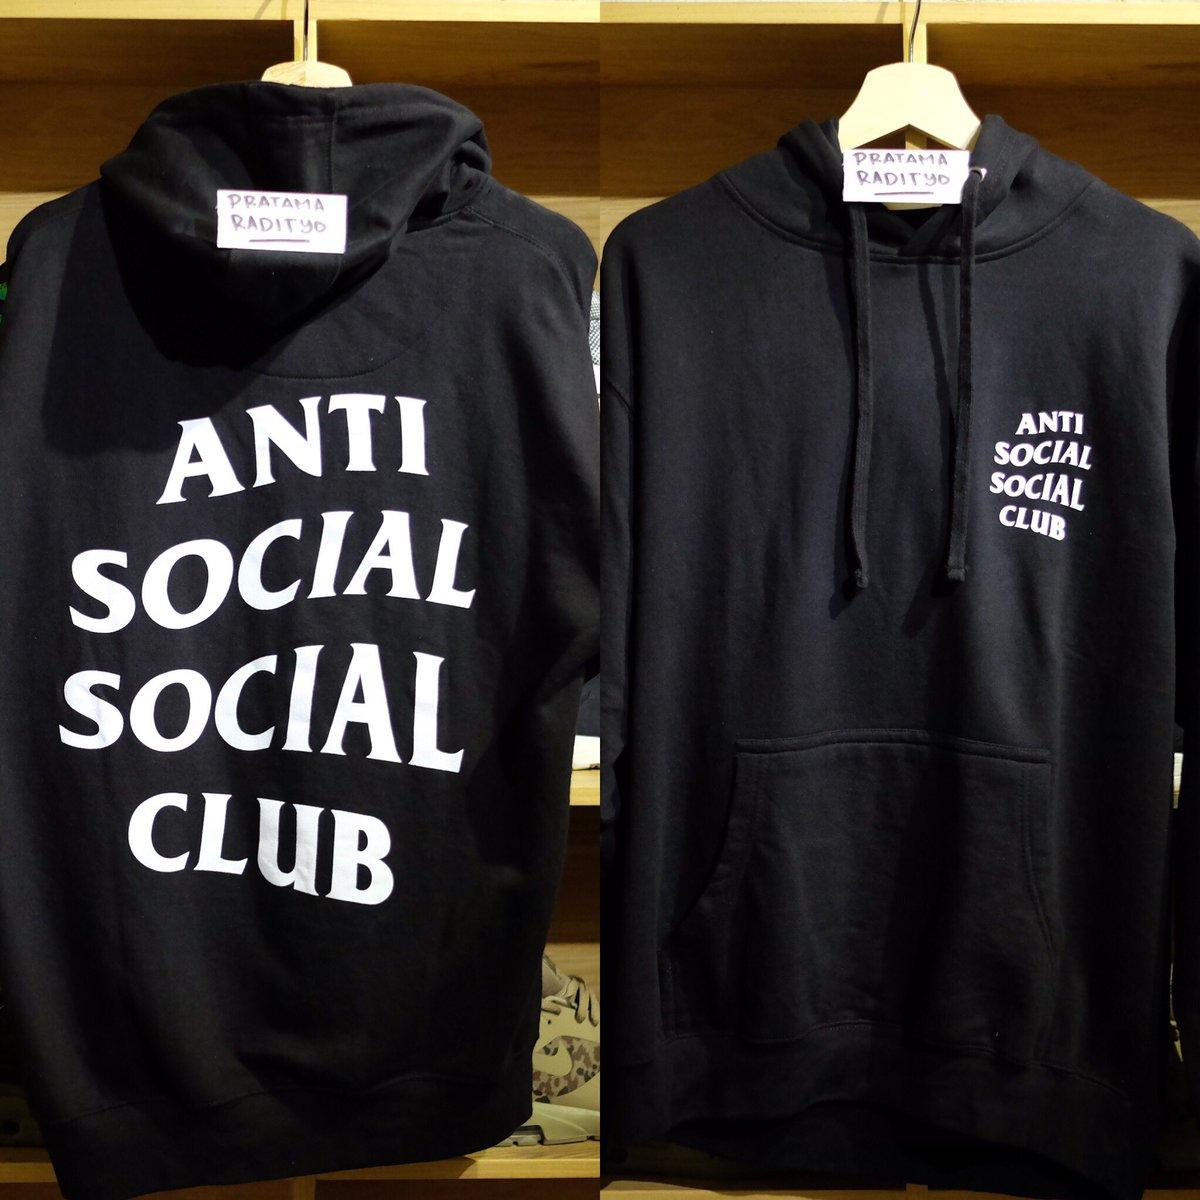 anti social club sweatshirt price